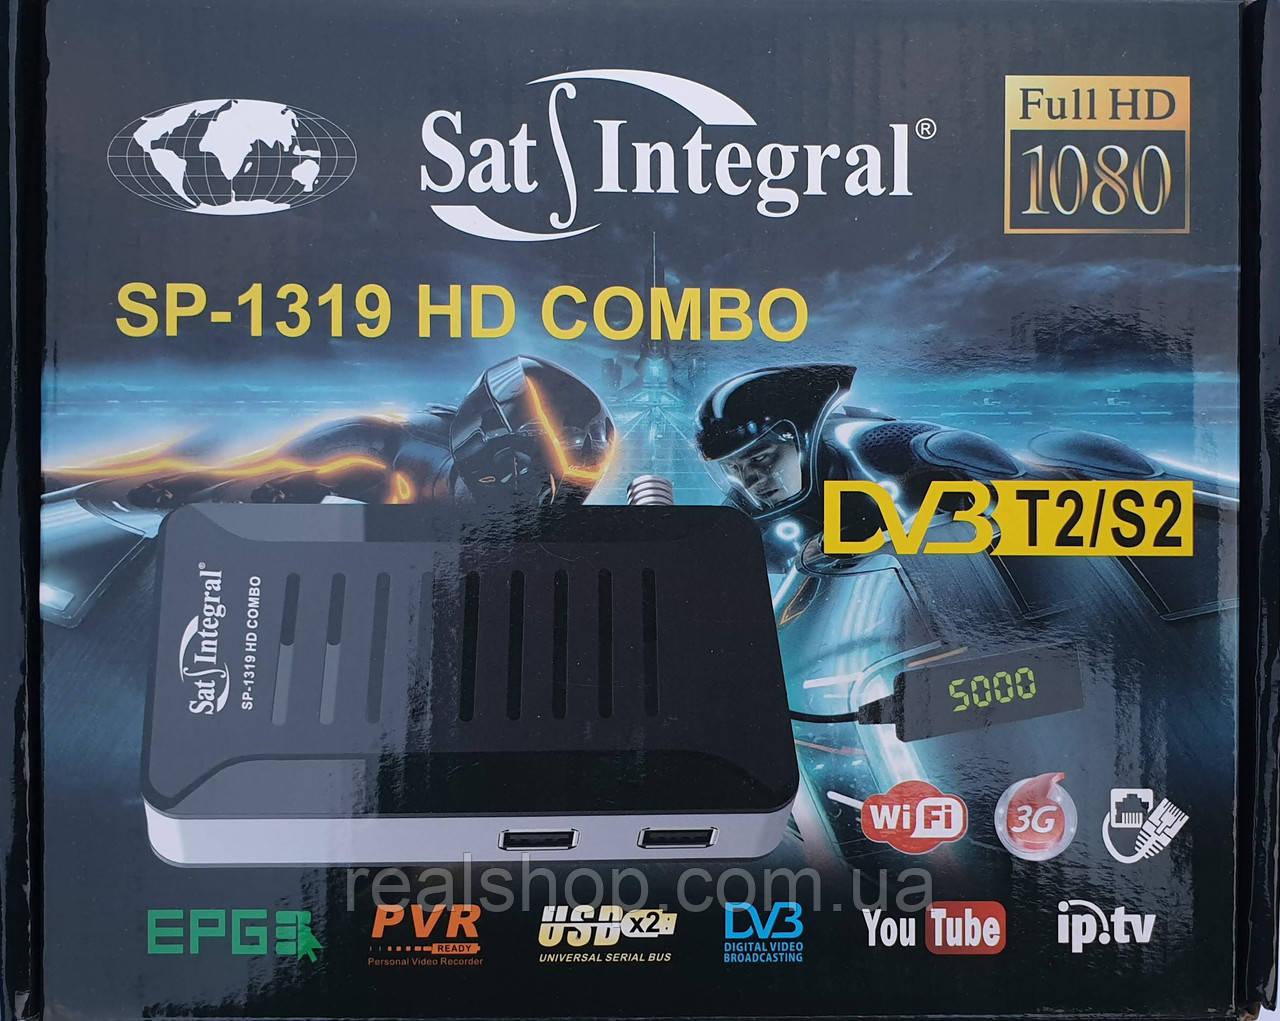 Sat-Integral SP-1319 HD Combo DVB-S2/T2 HD ресивер + бесплатная прошивка!